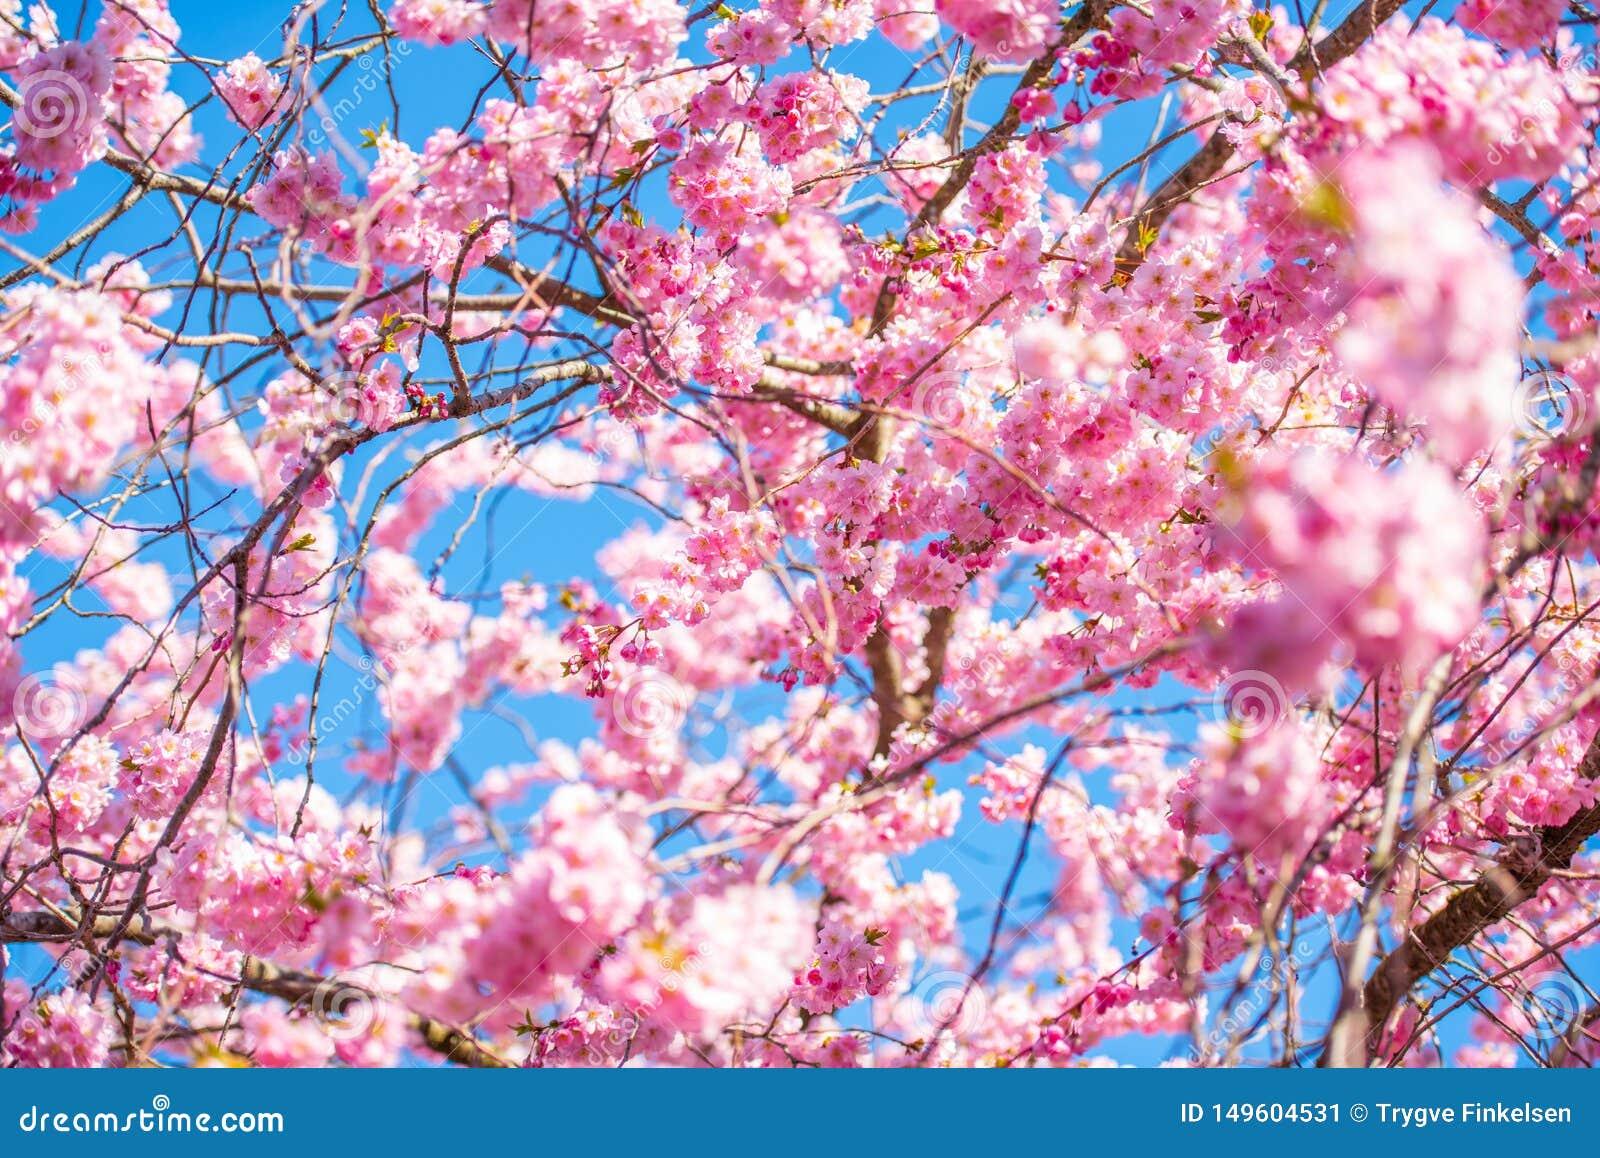 Mooie kersenbloesem op een zonnige de lentedag